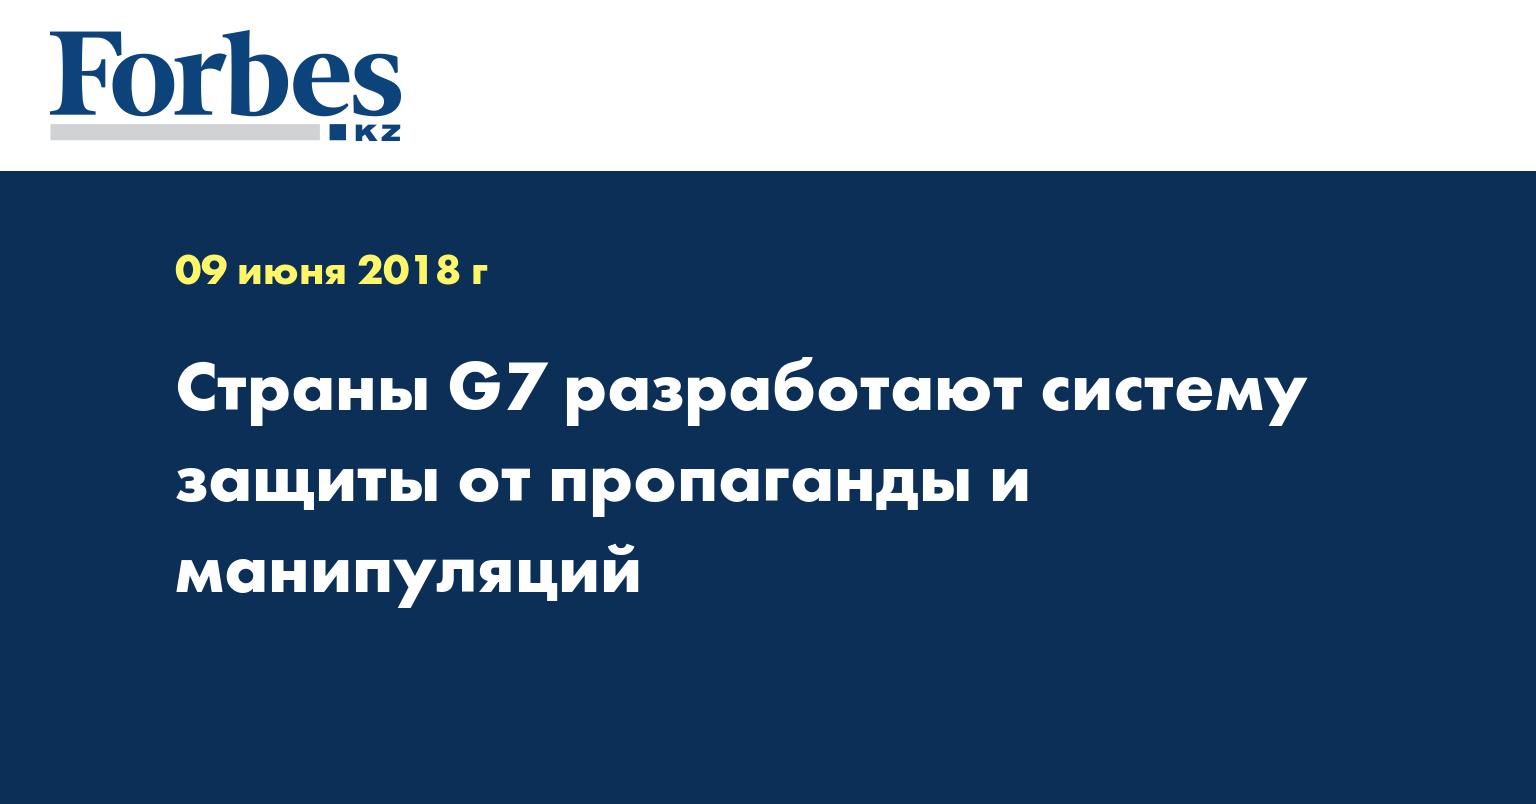 Страны G7 разработают систему защиты от пропаганды и манипуляций